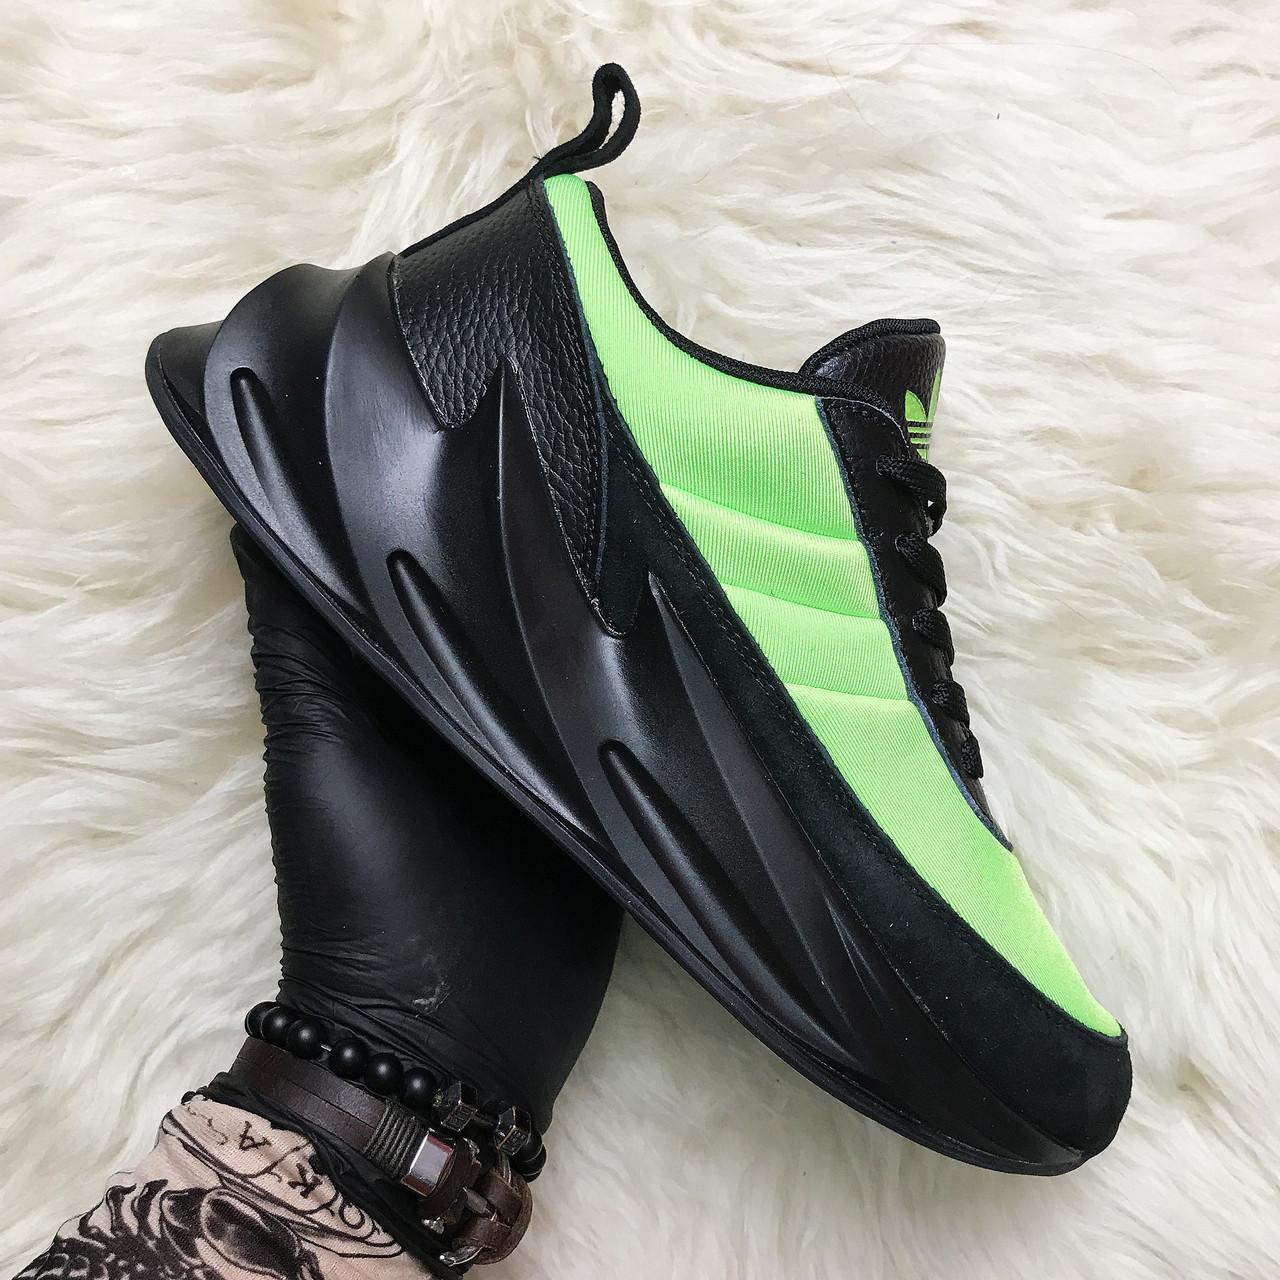 Мужские кроссовки Adidas Sharks Green Black, мужские кроссовки адидас шарк